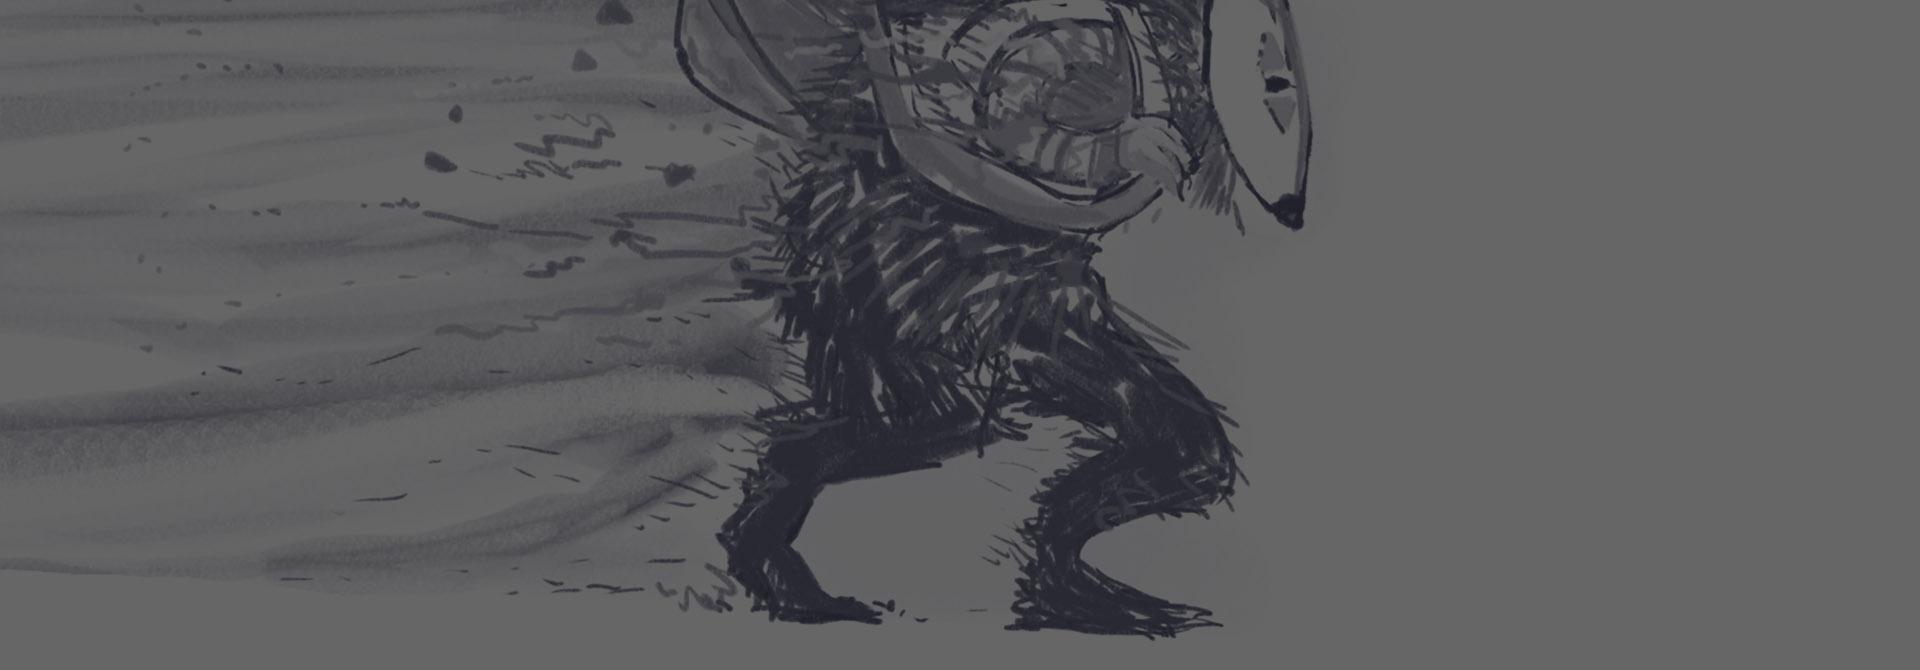 01 Animation Shorts